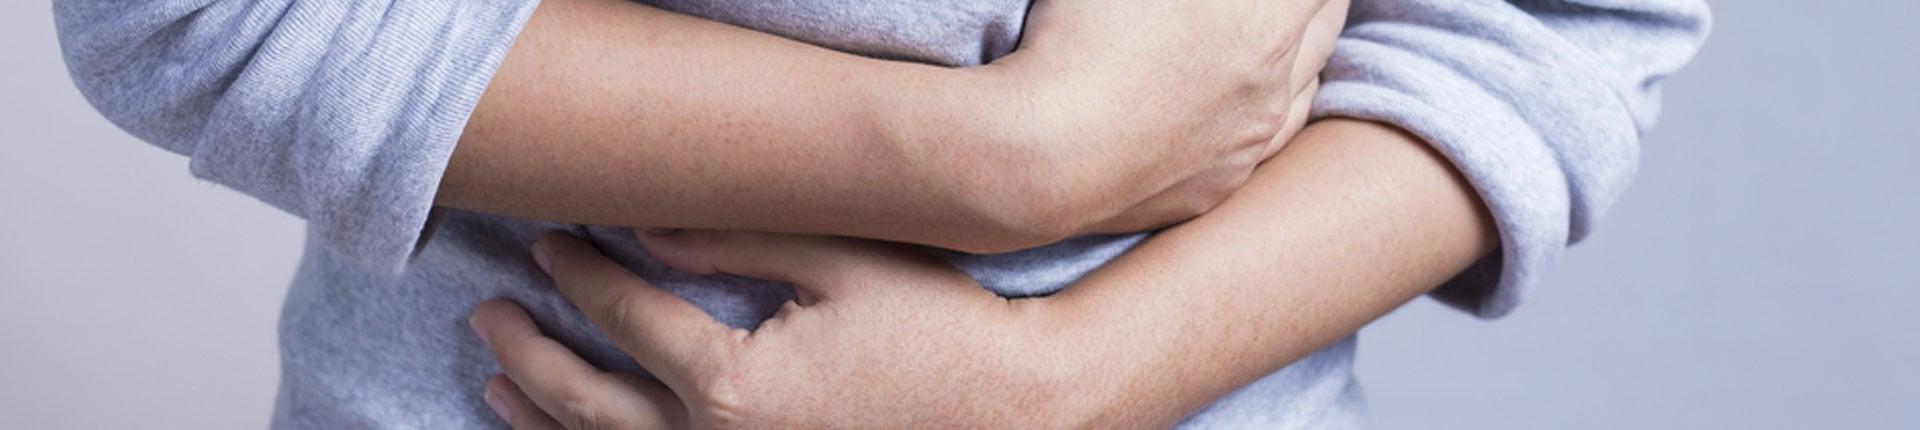 Nawet umiarkowany niedobór cynku może zaburzać trawienie i być szkodliwy dla zdrowia